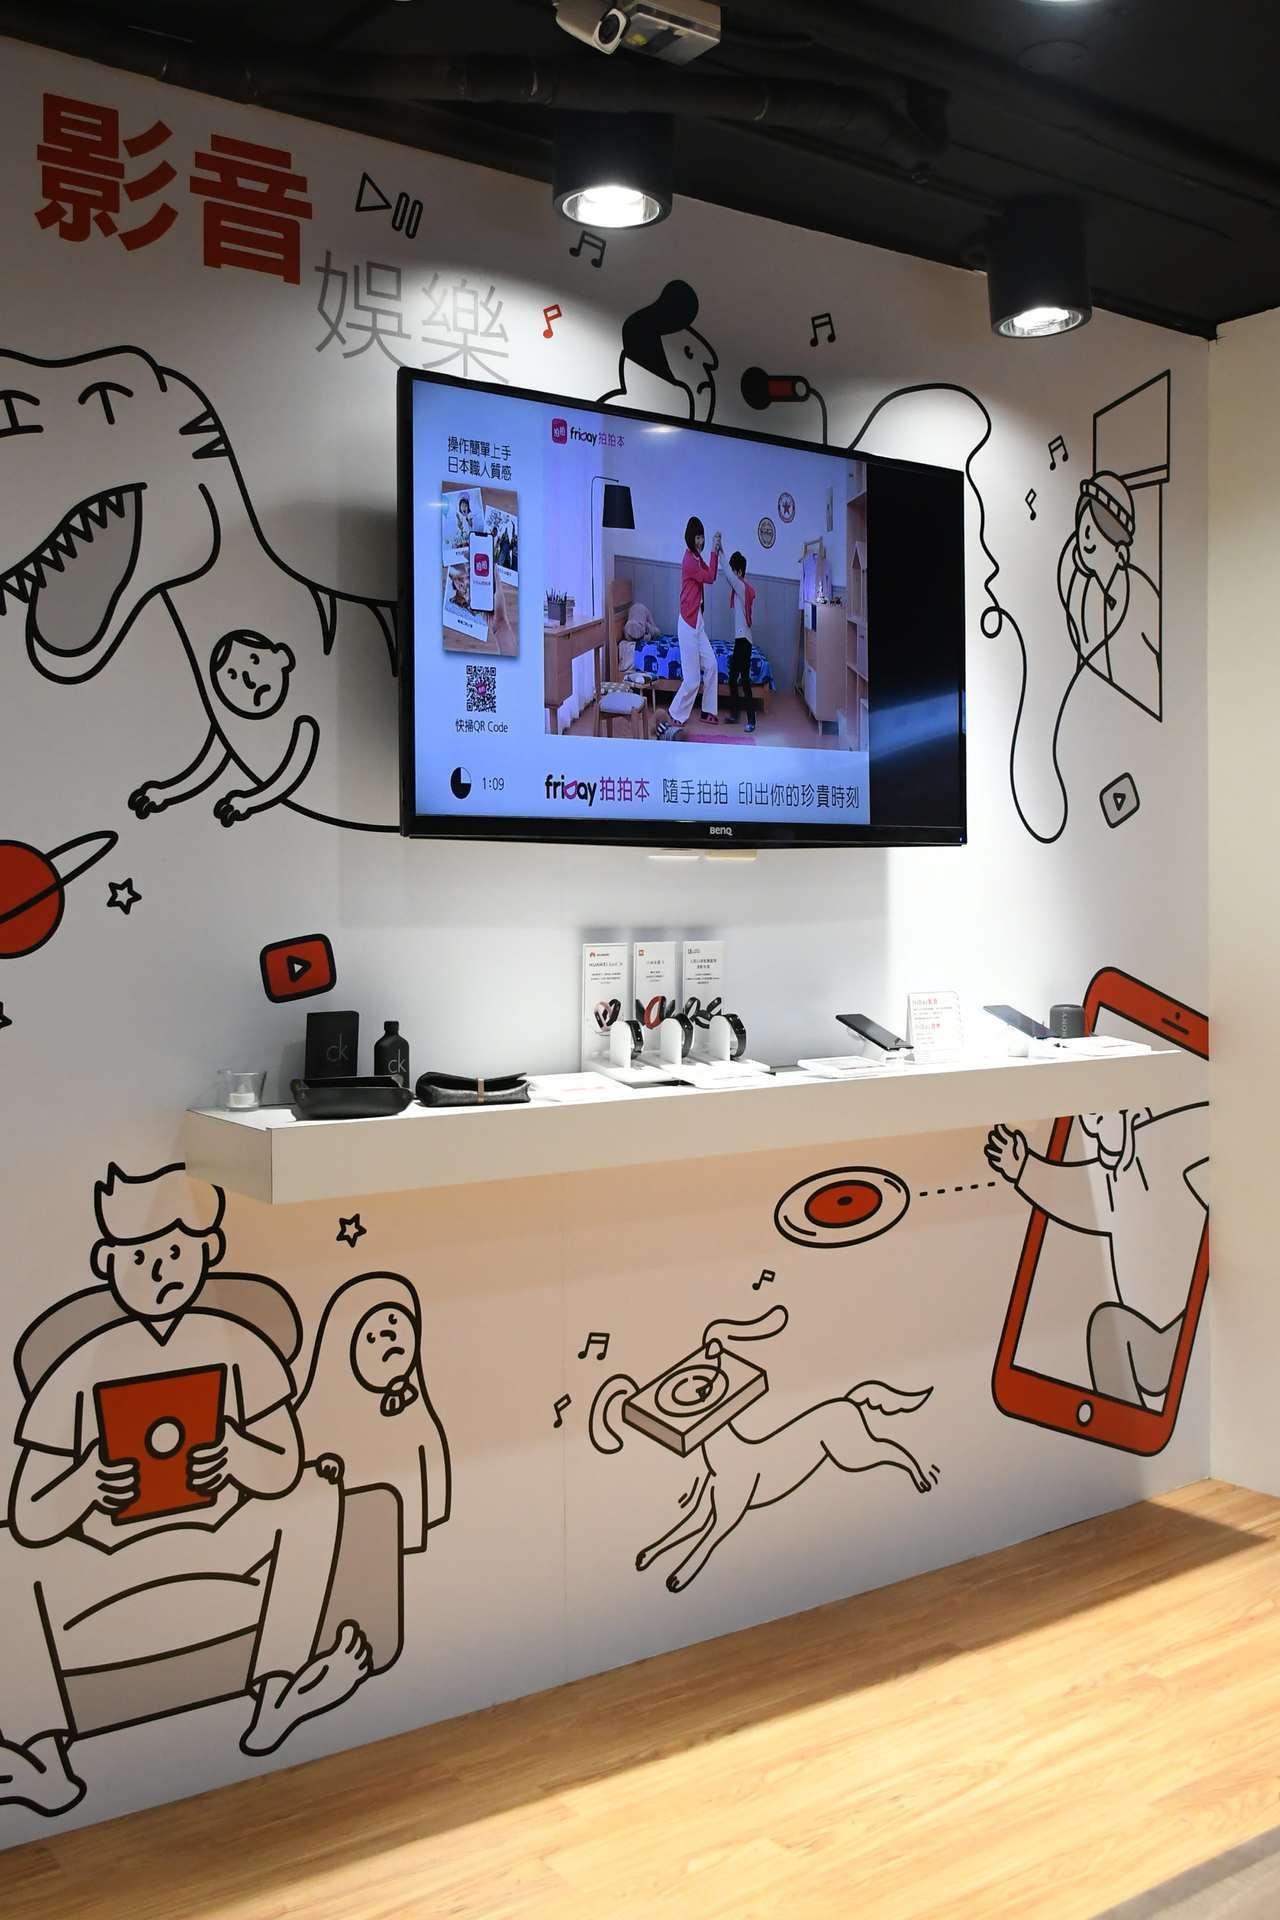 現場還可體驗friDay影音產品系列,邊喝咖啡邊享受視聽娛樂。圖/遠傳電信提供